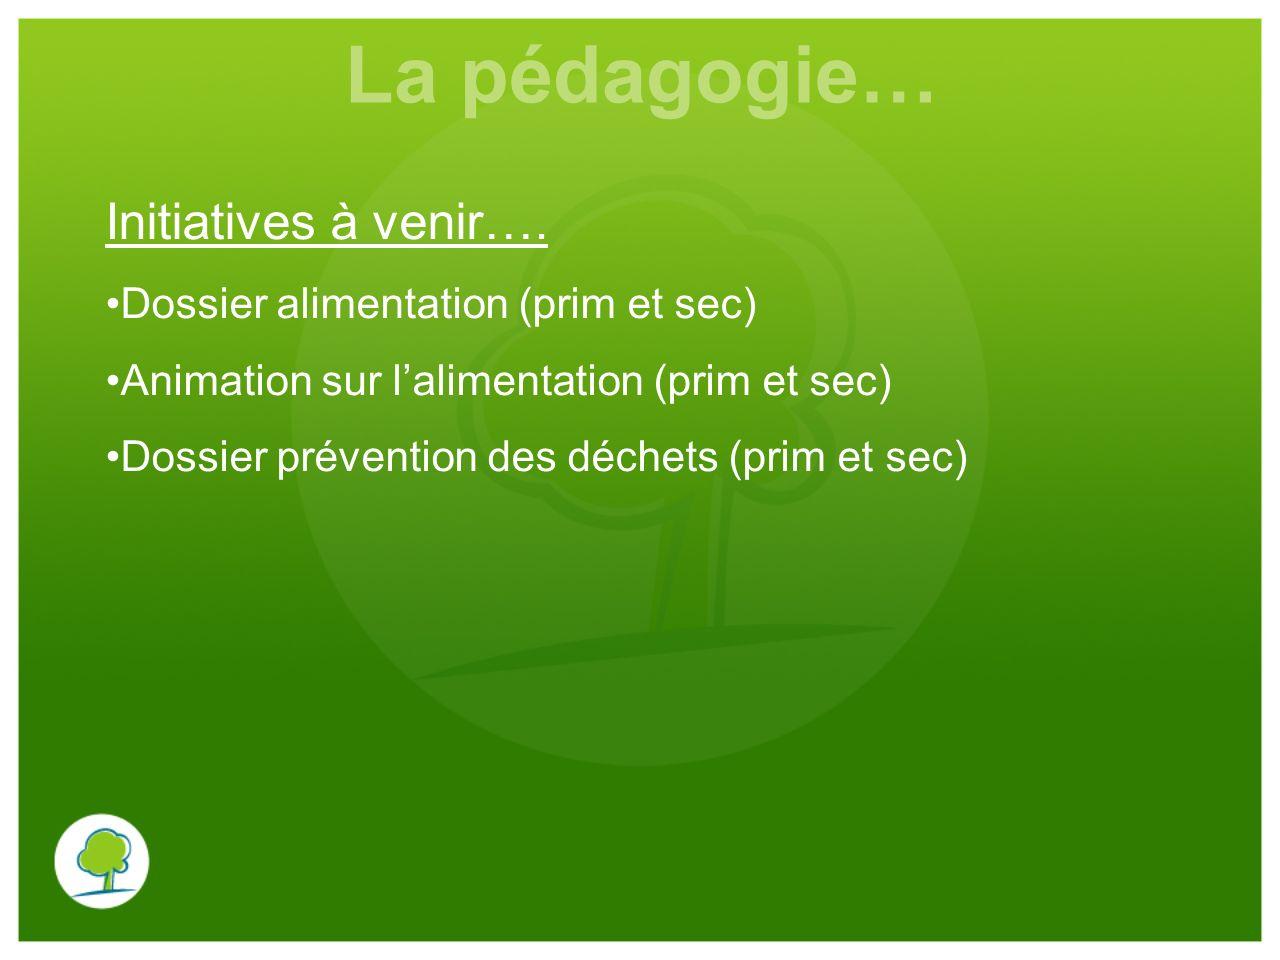 La pédagogie… Initiatives à venir…. Dossier alimentation (prim et sec) Animation sur lalimentation (prim et sec) Dossier prévention des déchets (prim